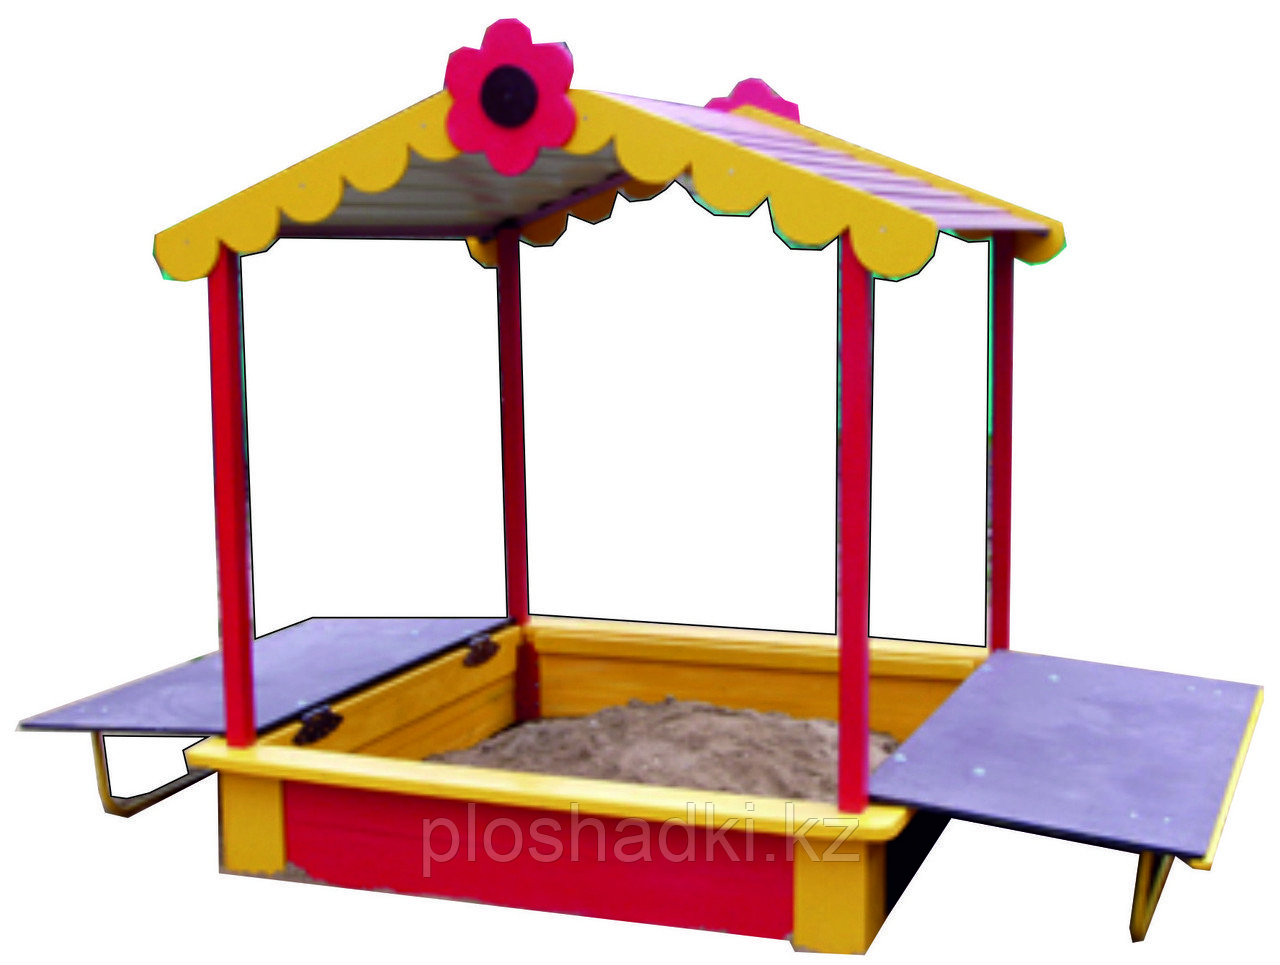 Песочница детская с крышей, раскладывающаяся